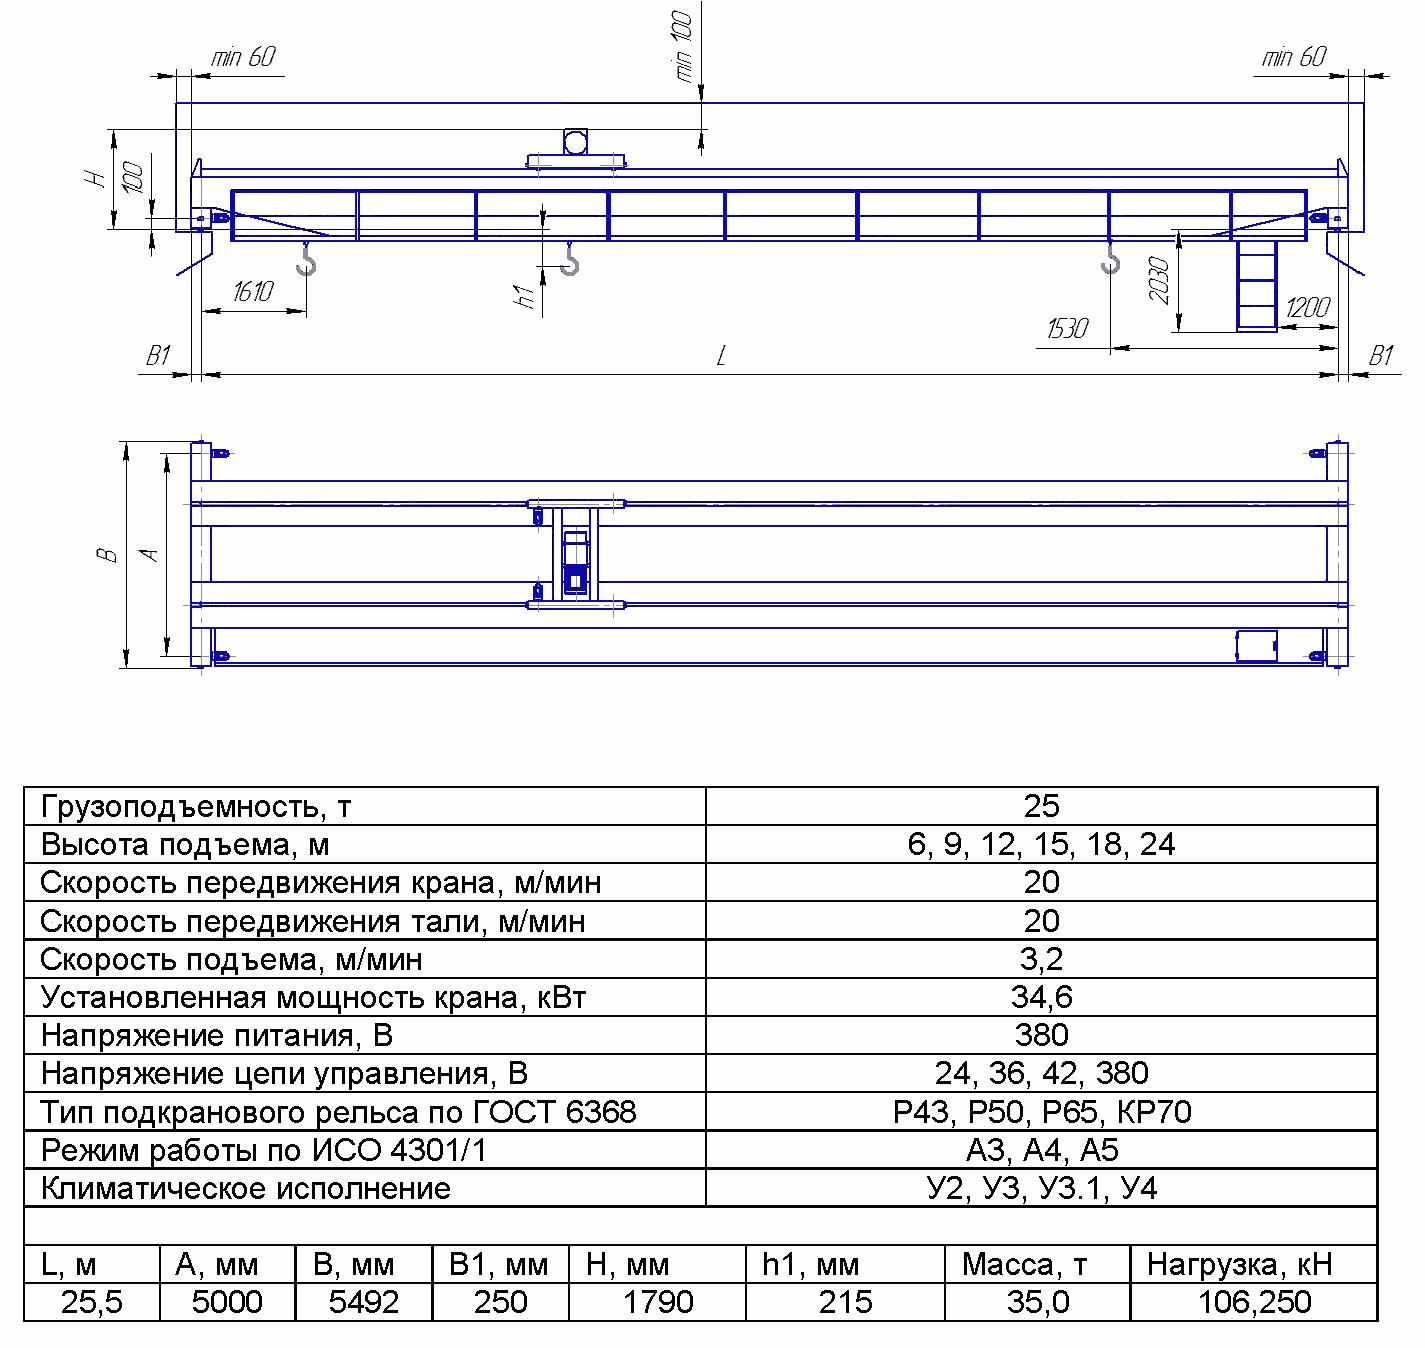 KMON 6 6 - Опорный мостовой кран общего назначения